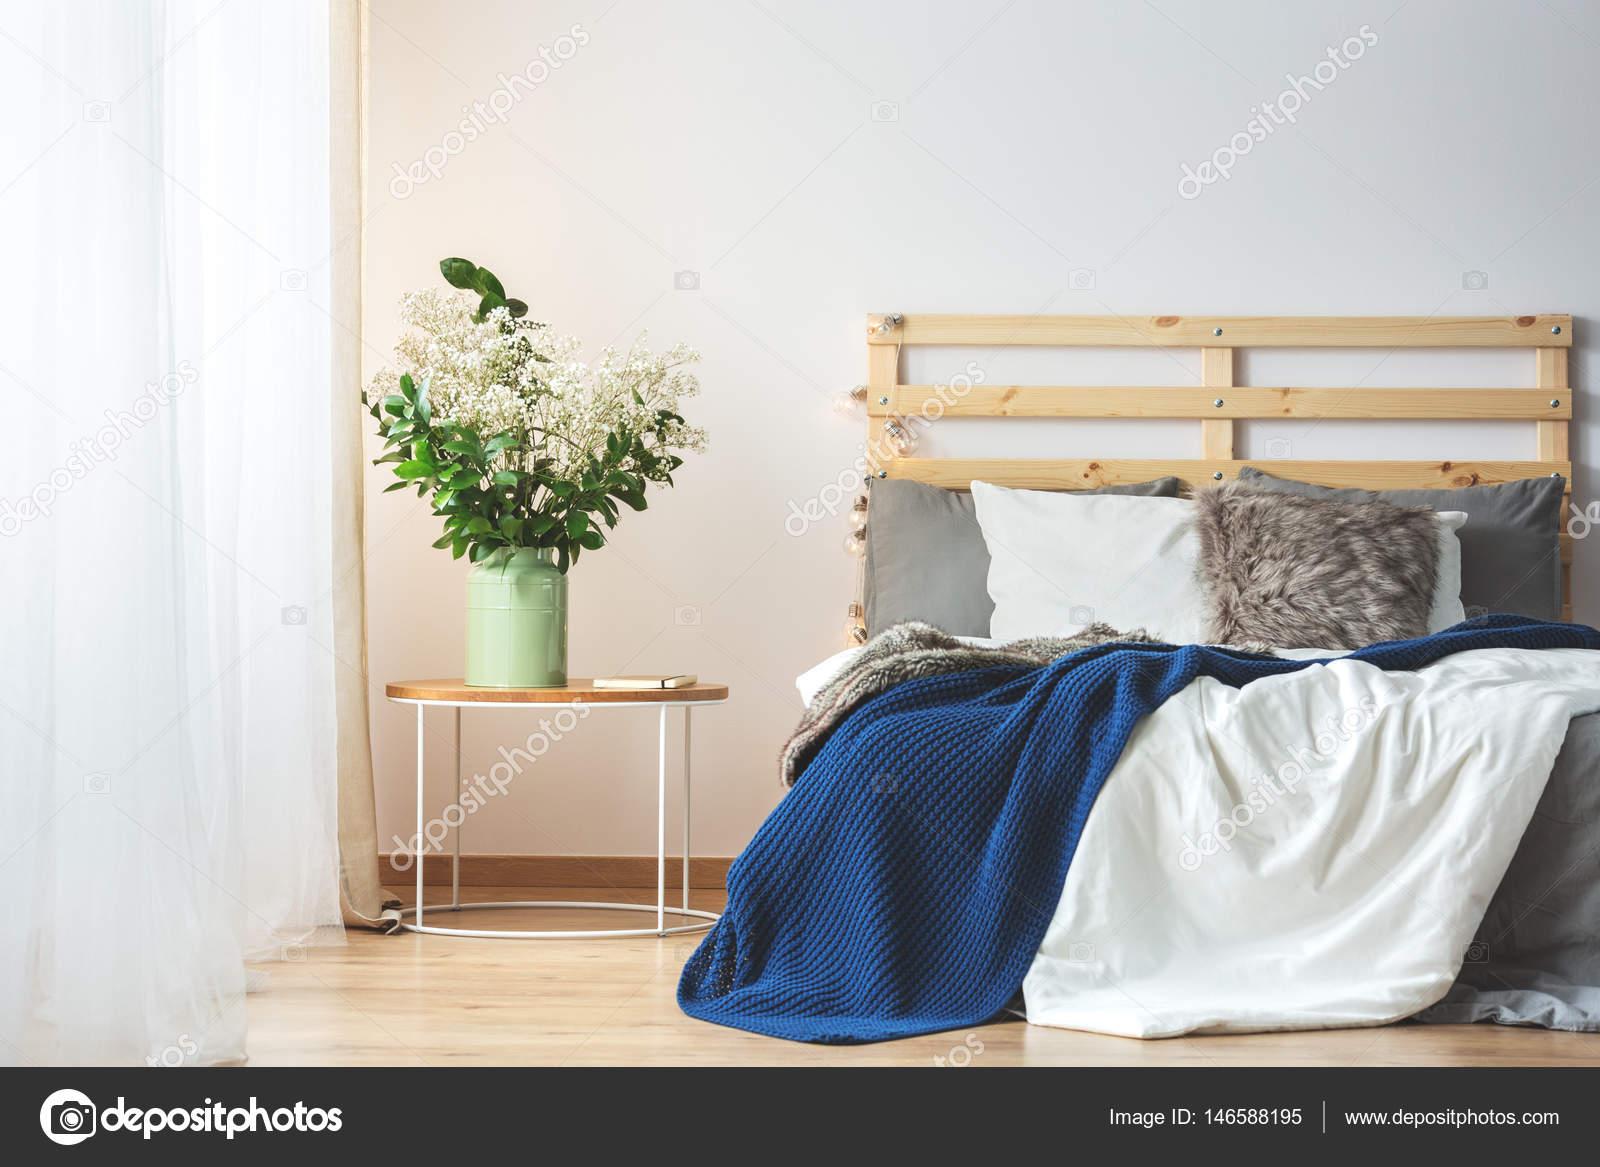 Bett Und Blumen Im Schlafzimmer Stockfoto C Photographee Eu 146588195